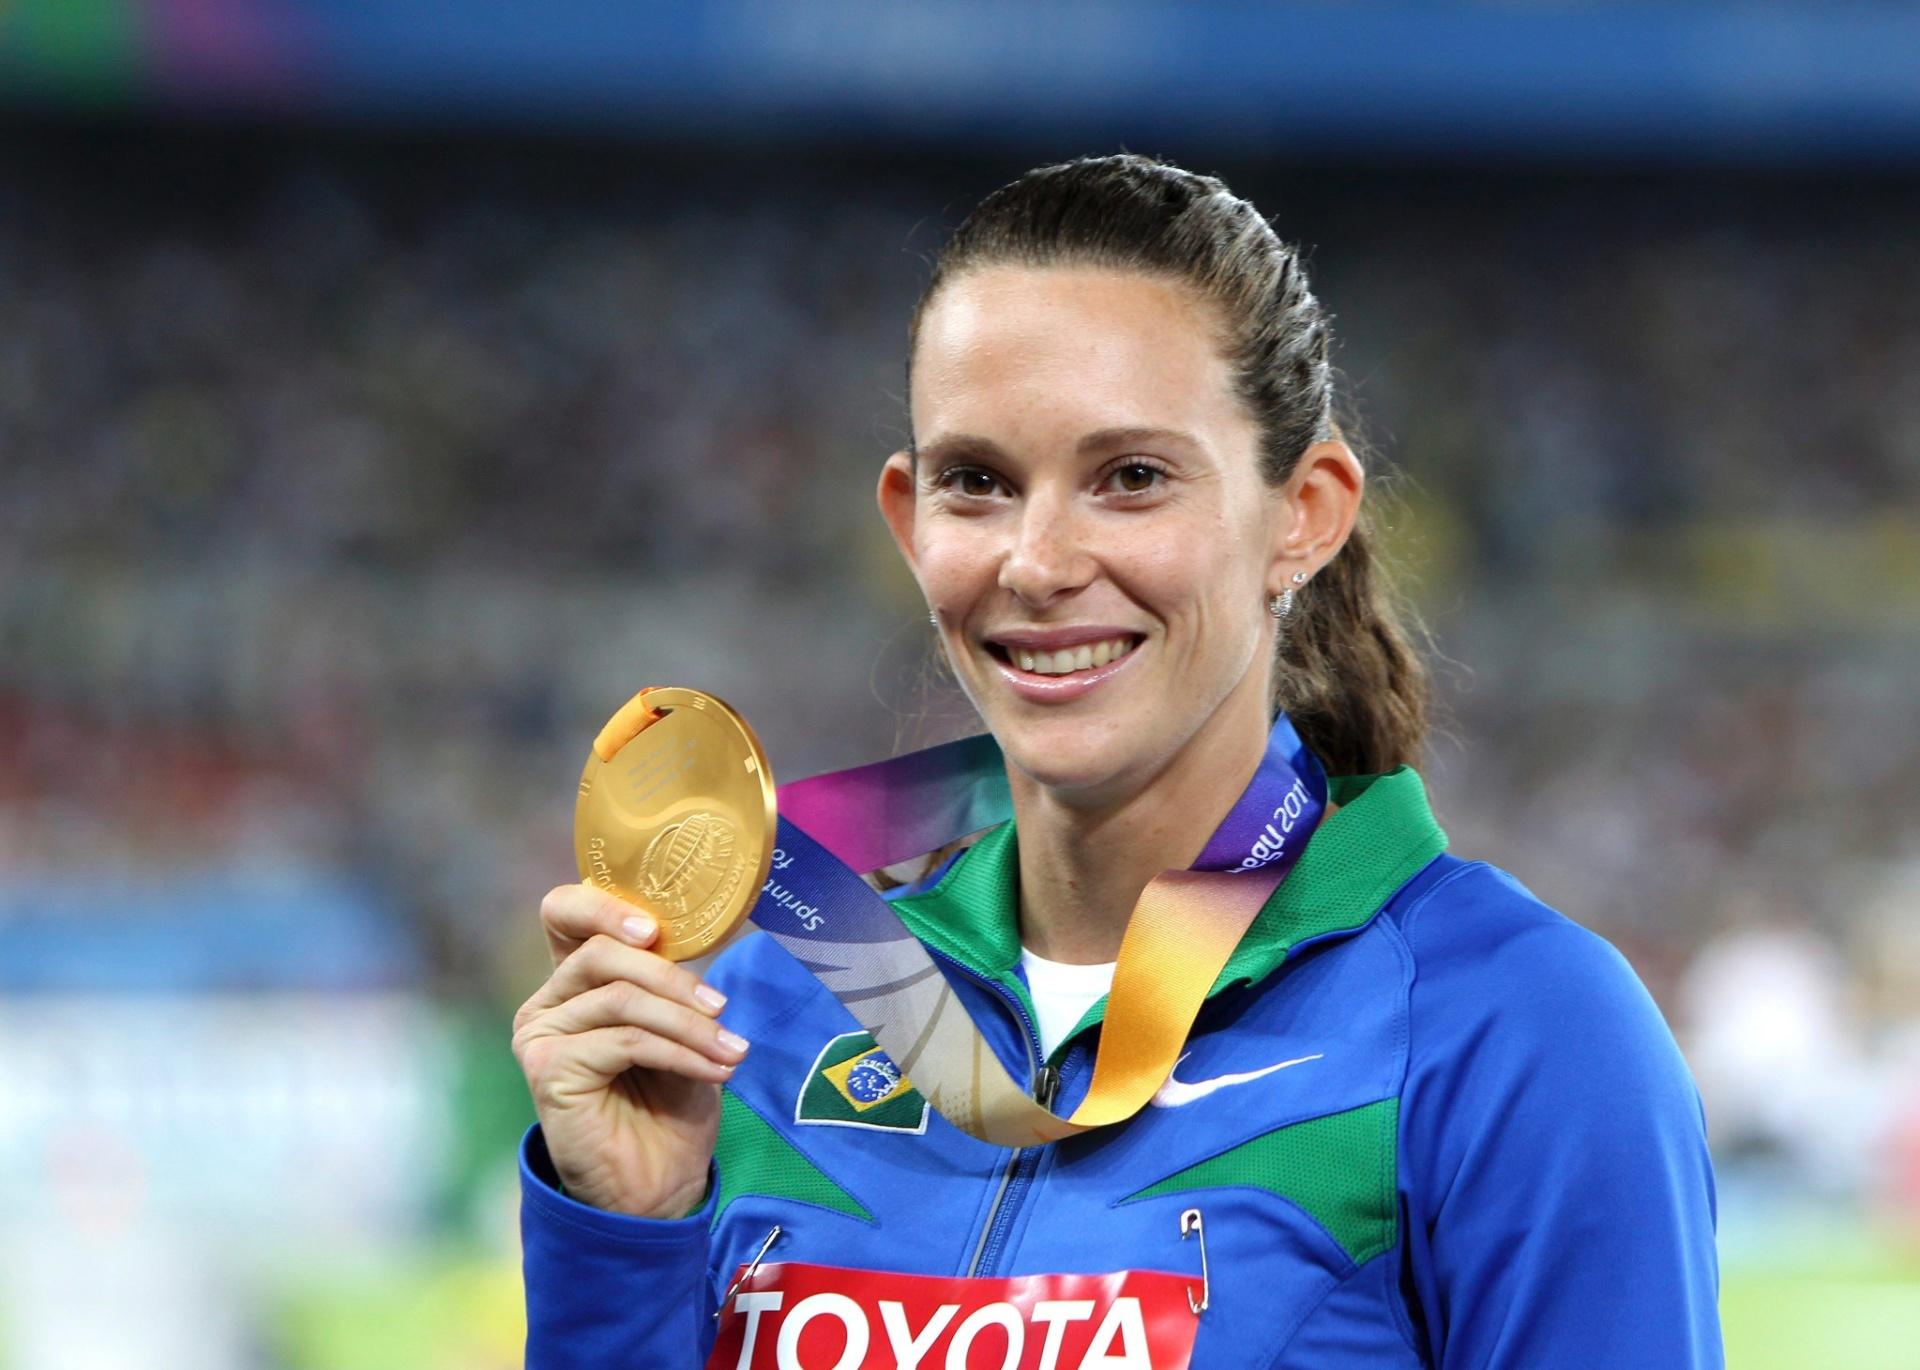 Fabiana Murer exibe sua medalha de ouro conquistada no salto com vara no Mundial de atletismo (01/09/2011)